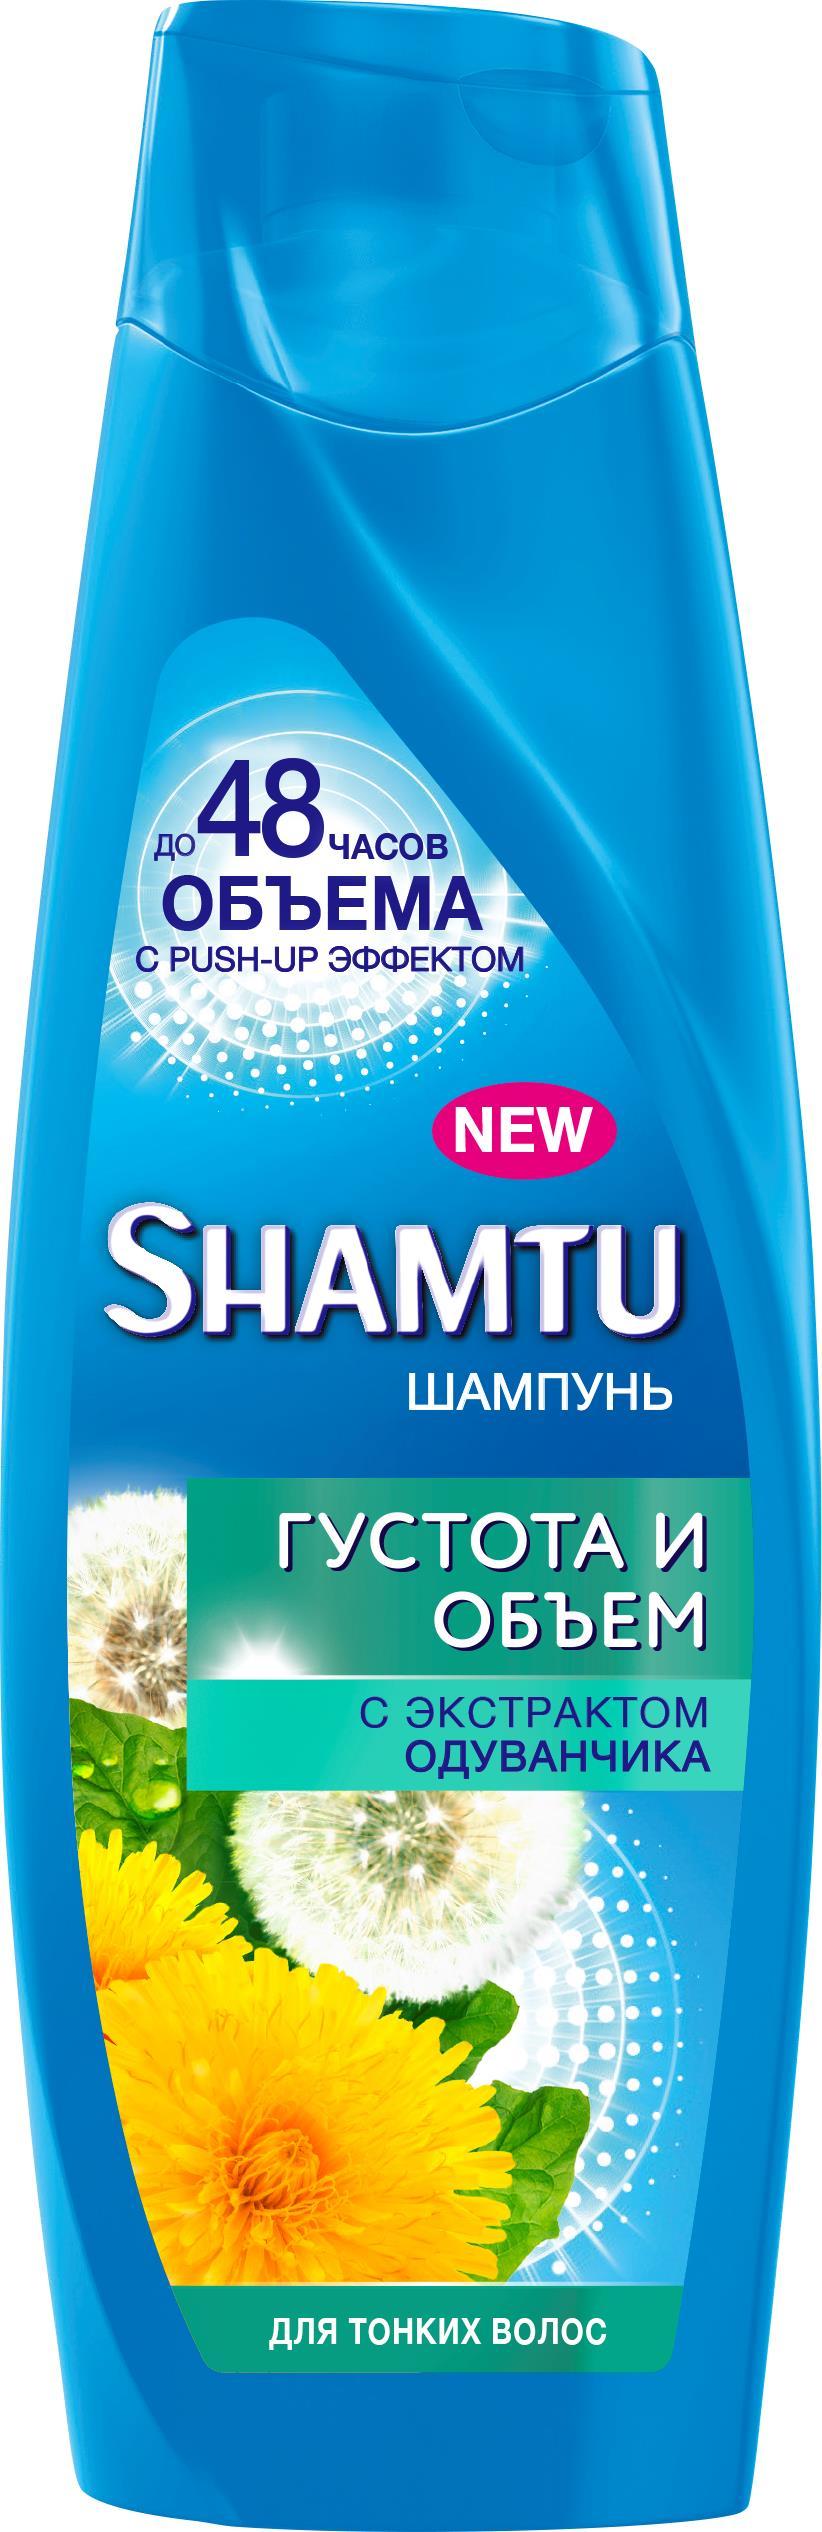 Shamtu Шампунь Густота и объем с экстрактом одуванчика, 360 мл l occitane шампунь сила и густота волос